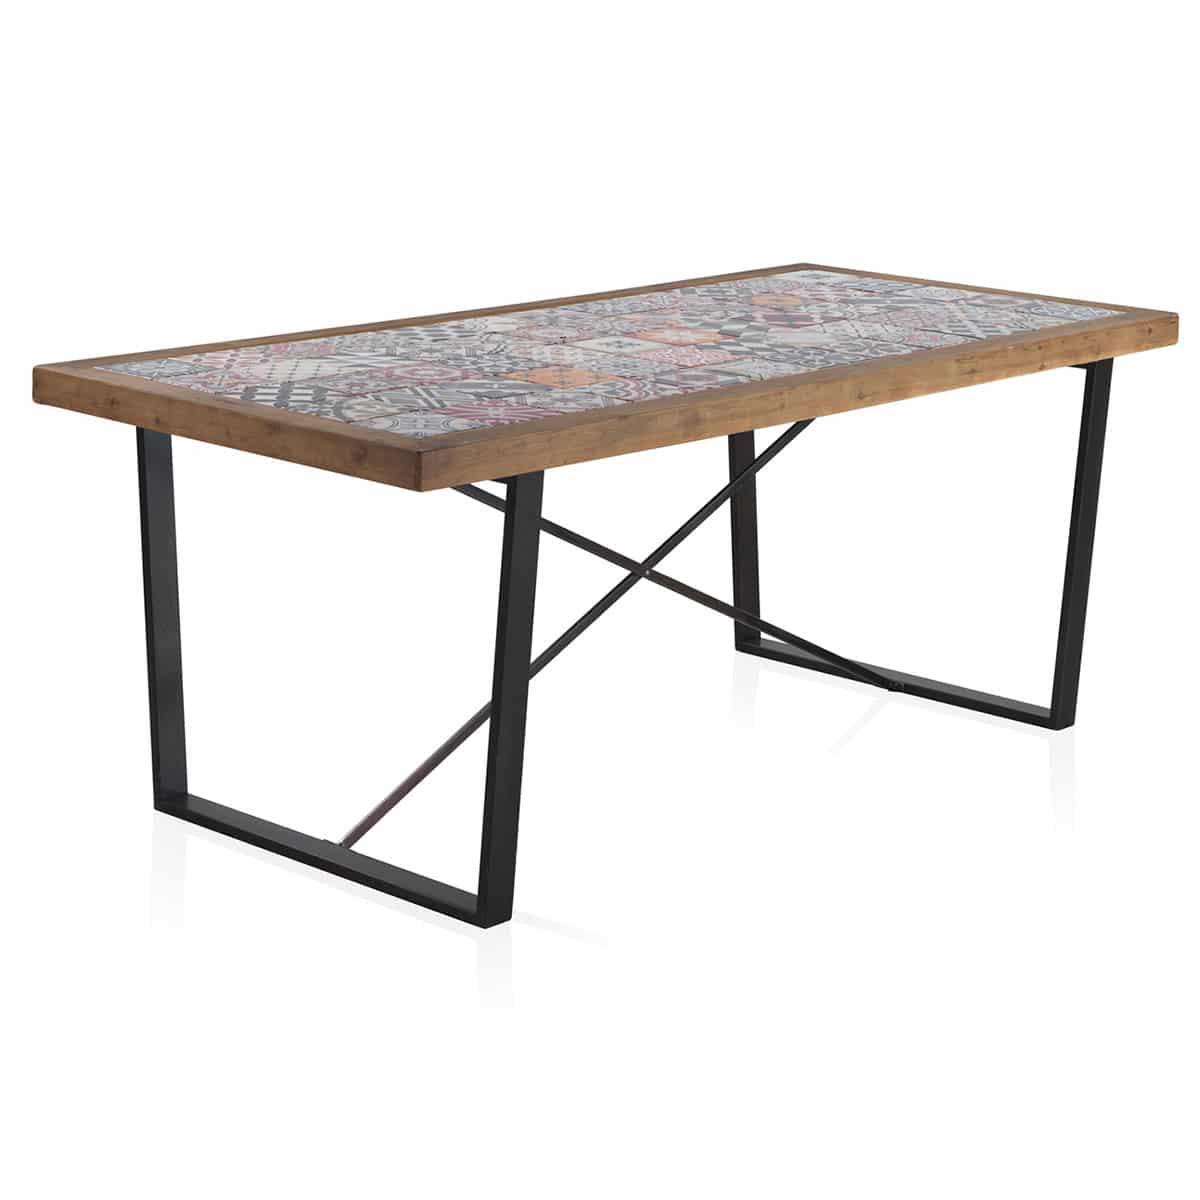 Mesa comedor tapa mosaico - Artikalia - Muebles de diseño